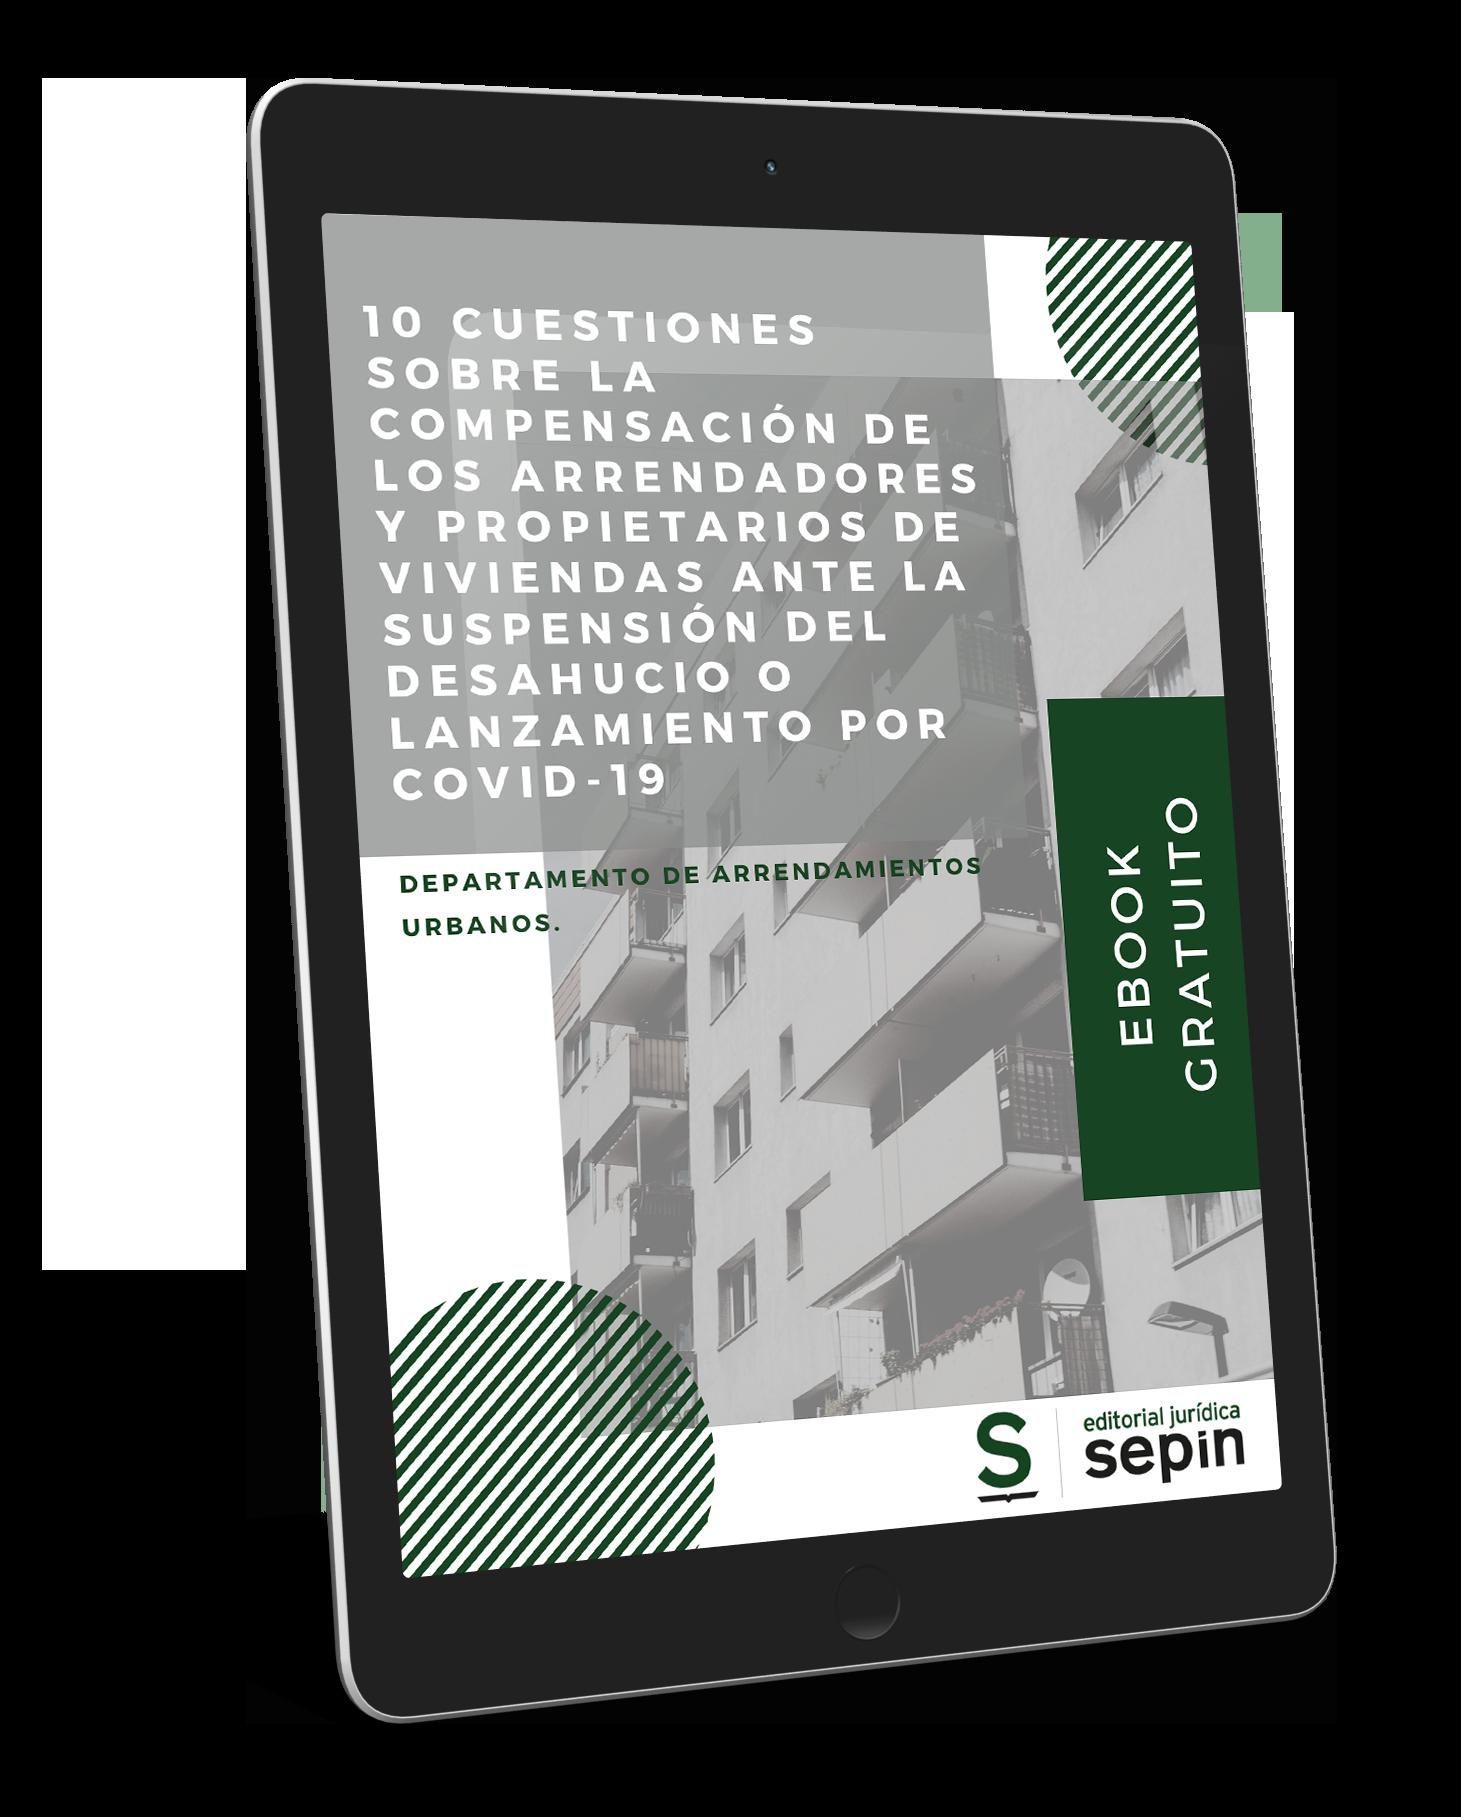 Ebook 10 cuestiones sobre la compensación de los arrendadores y propietarios de viviendas ante la suspensión del desahucio o lanzamiento por COVID-19